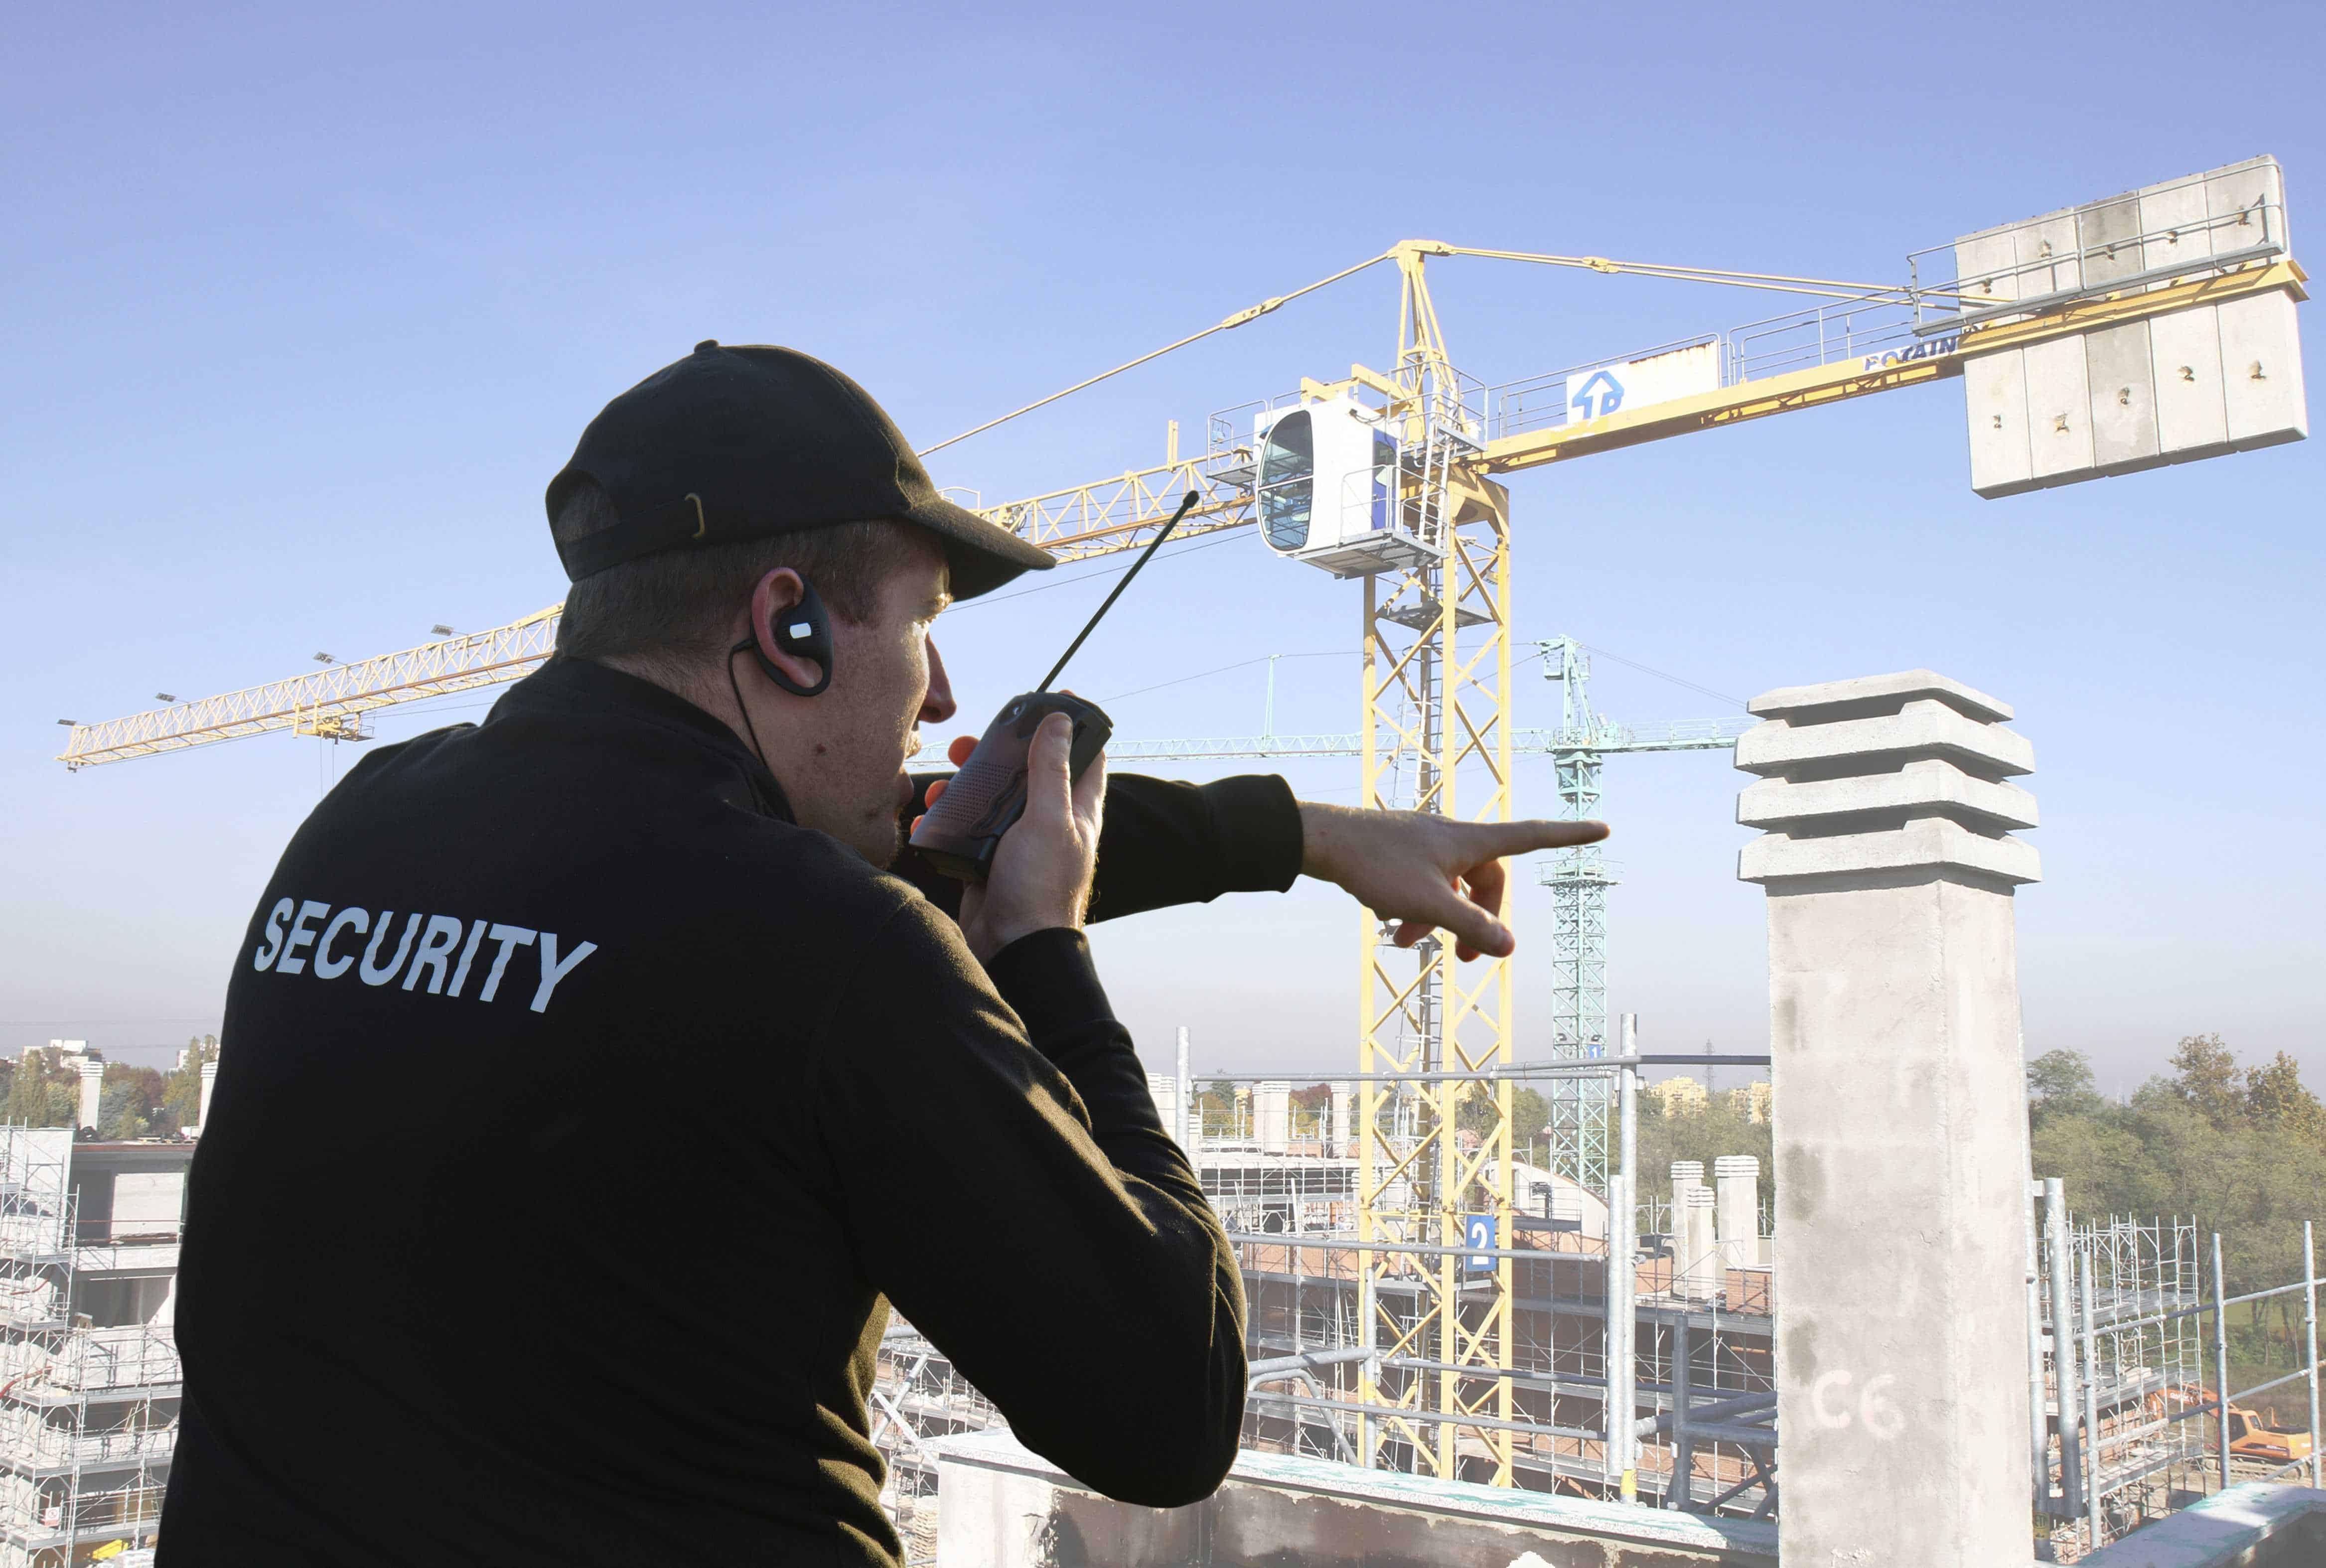 Beveiliger op een bouwplaats